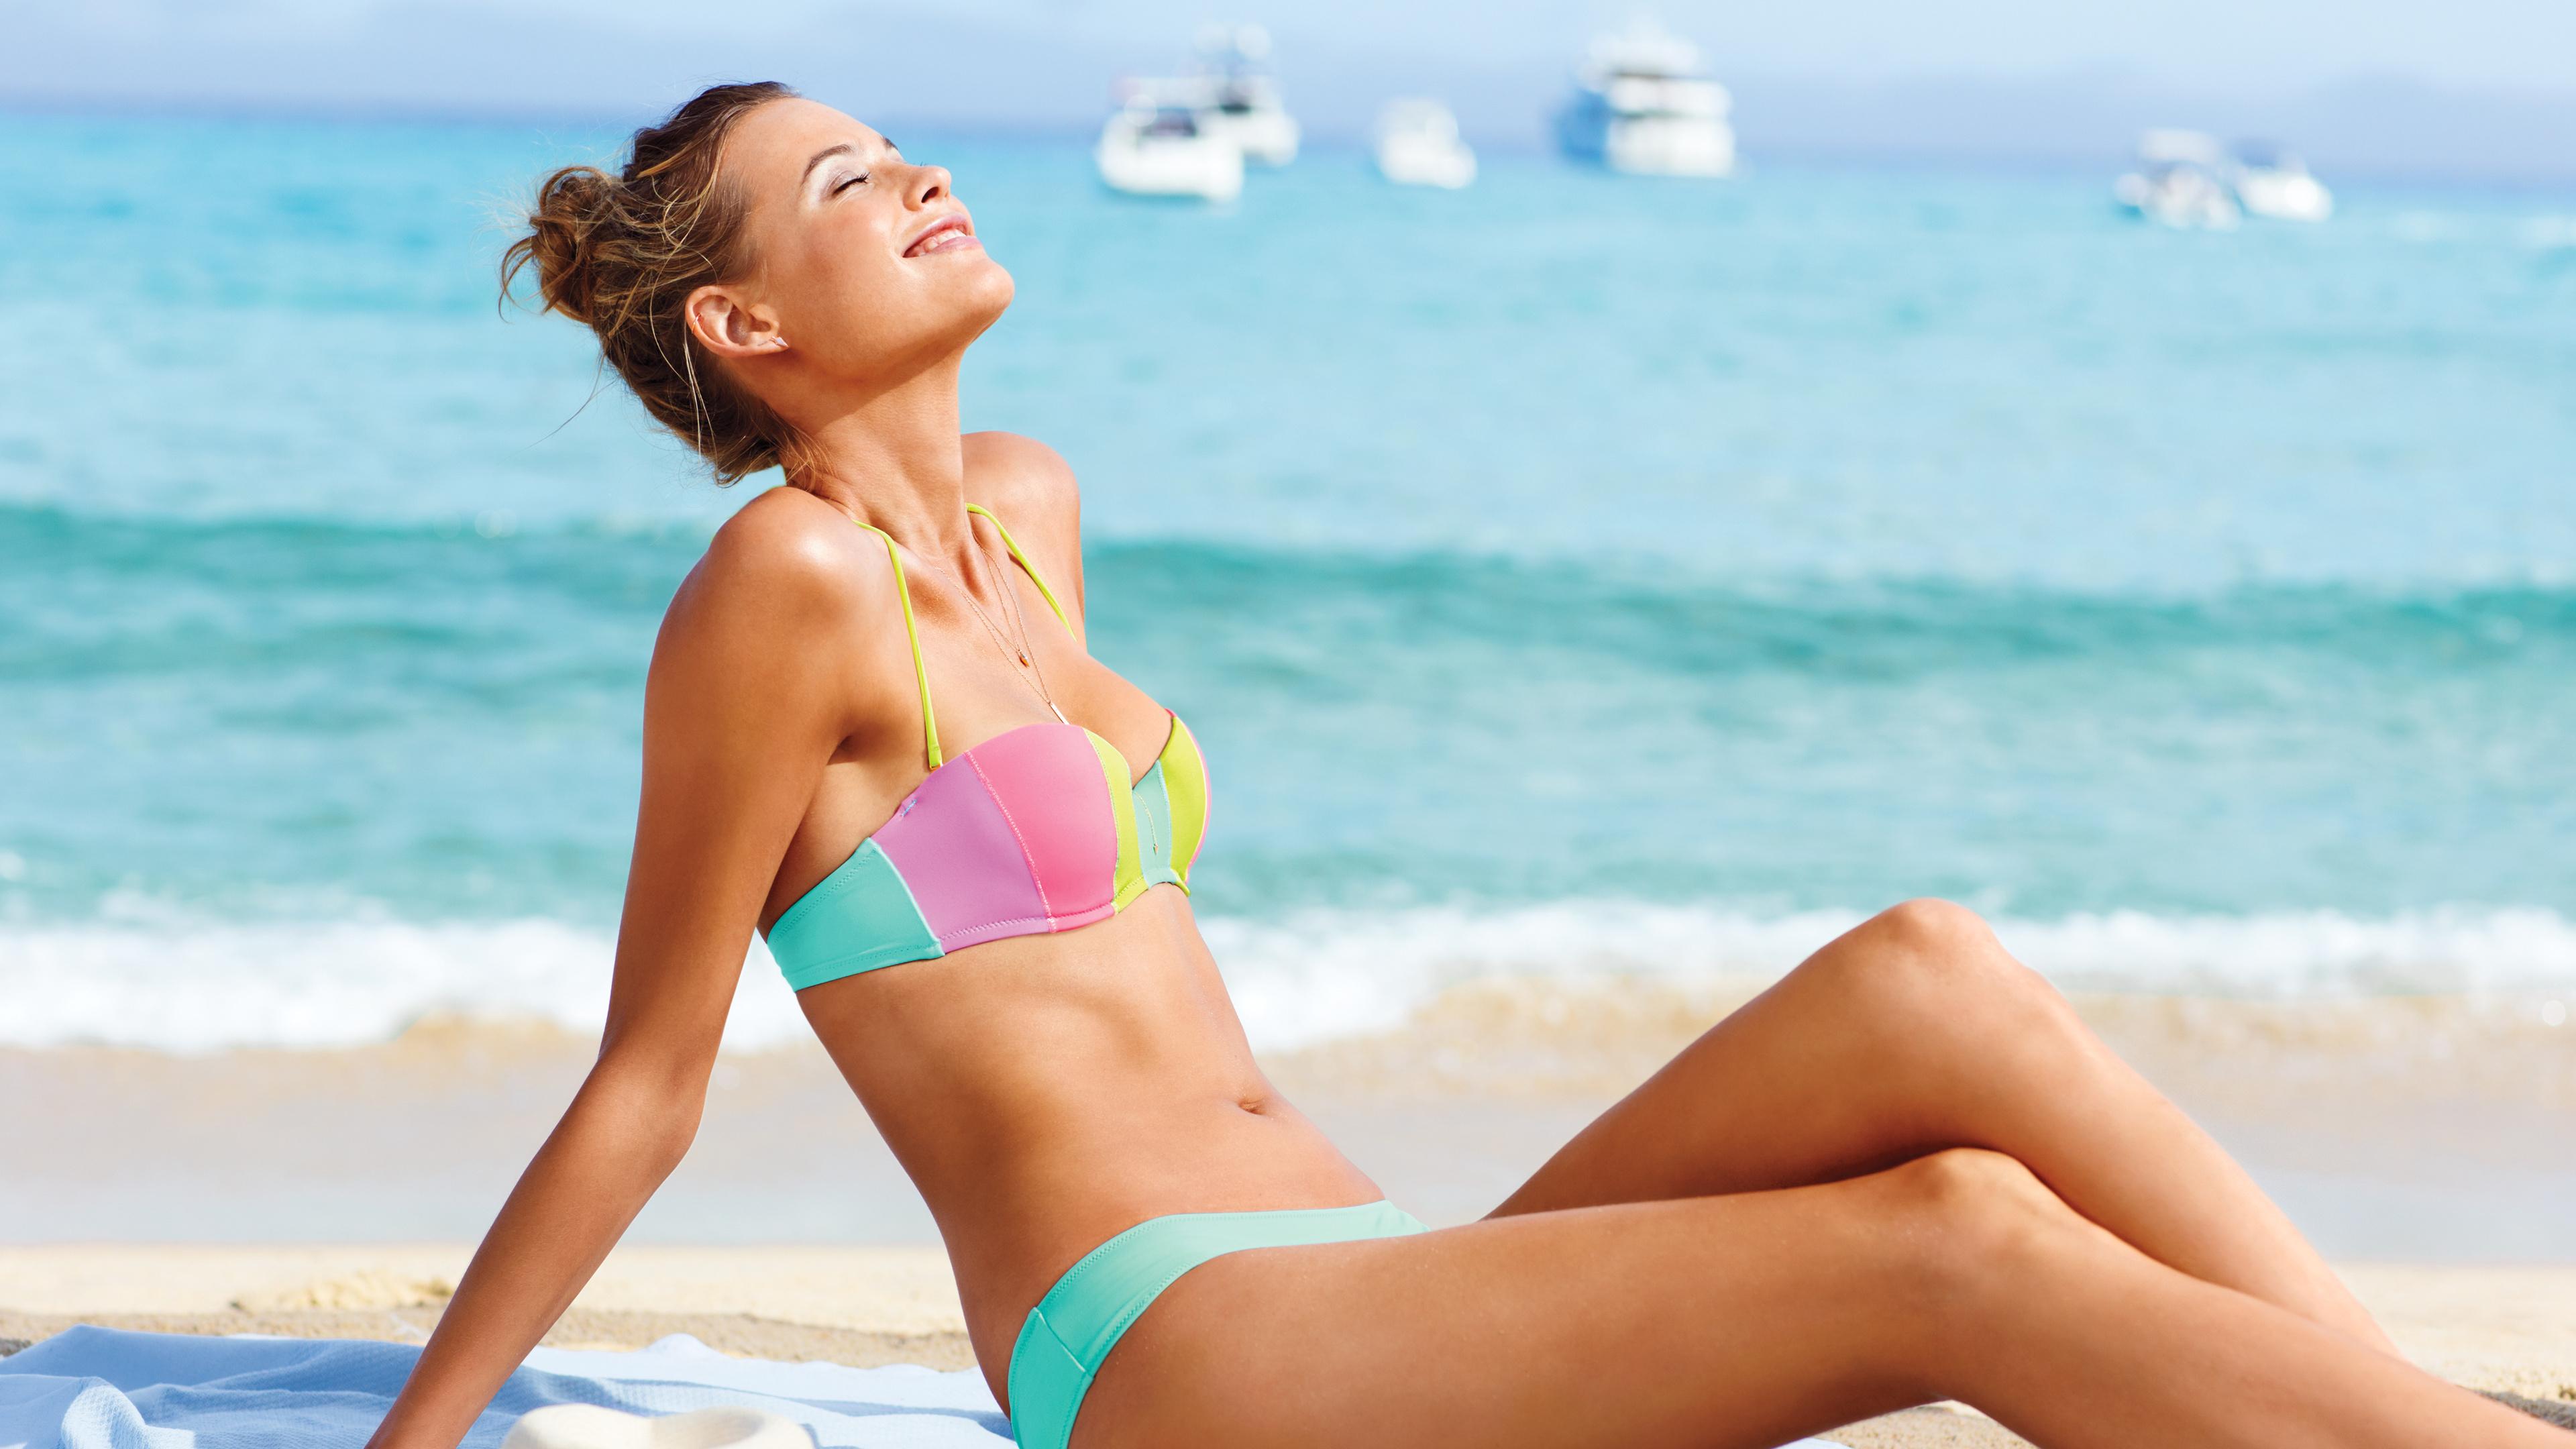 behati prinsloo bathing suit wide wallpaper 57083